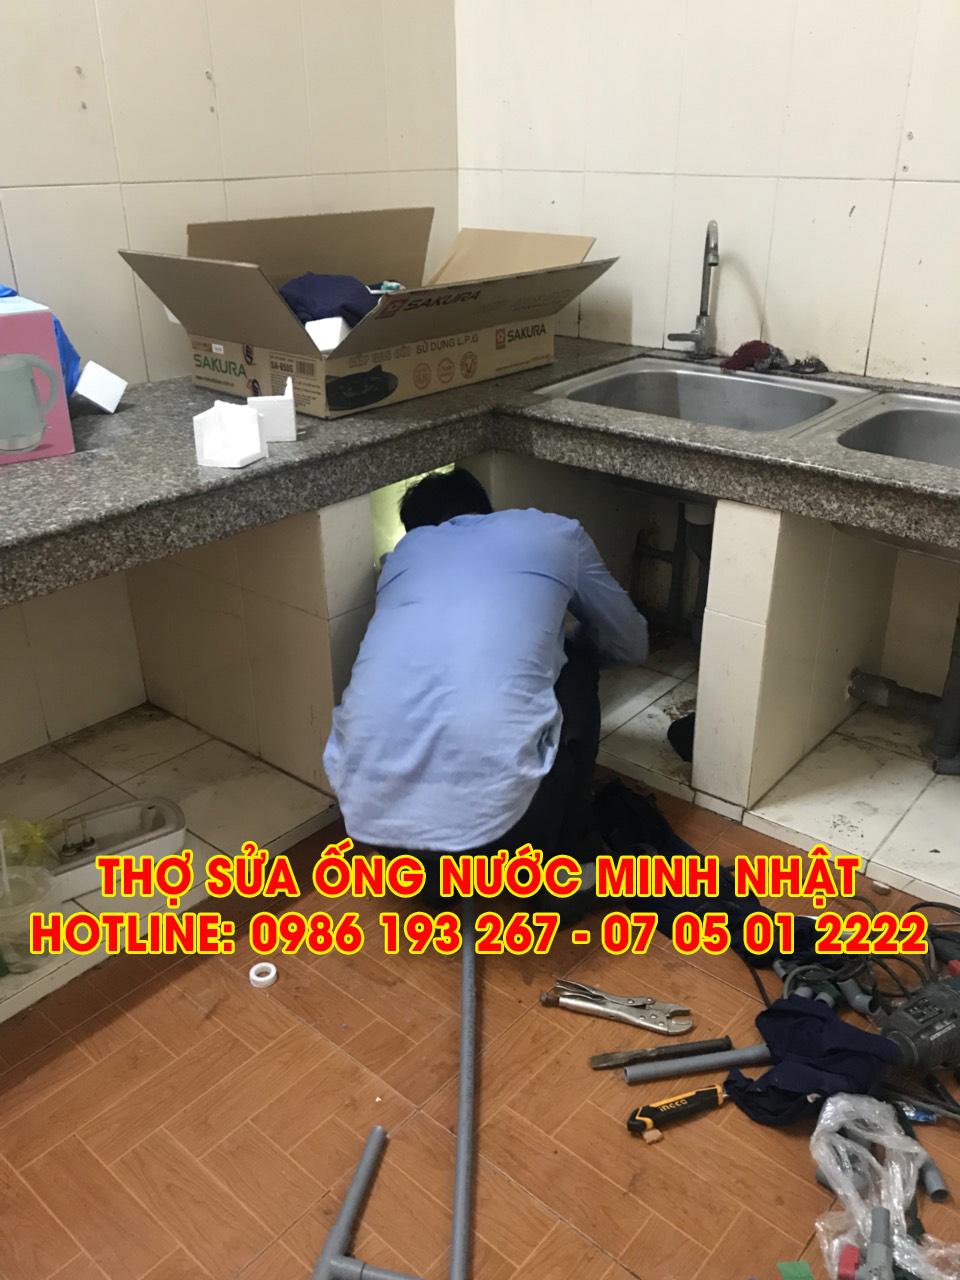 Thợ sửa ống nước Minh Nhật